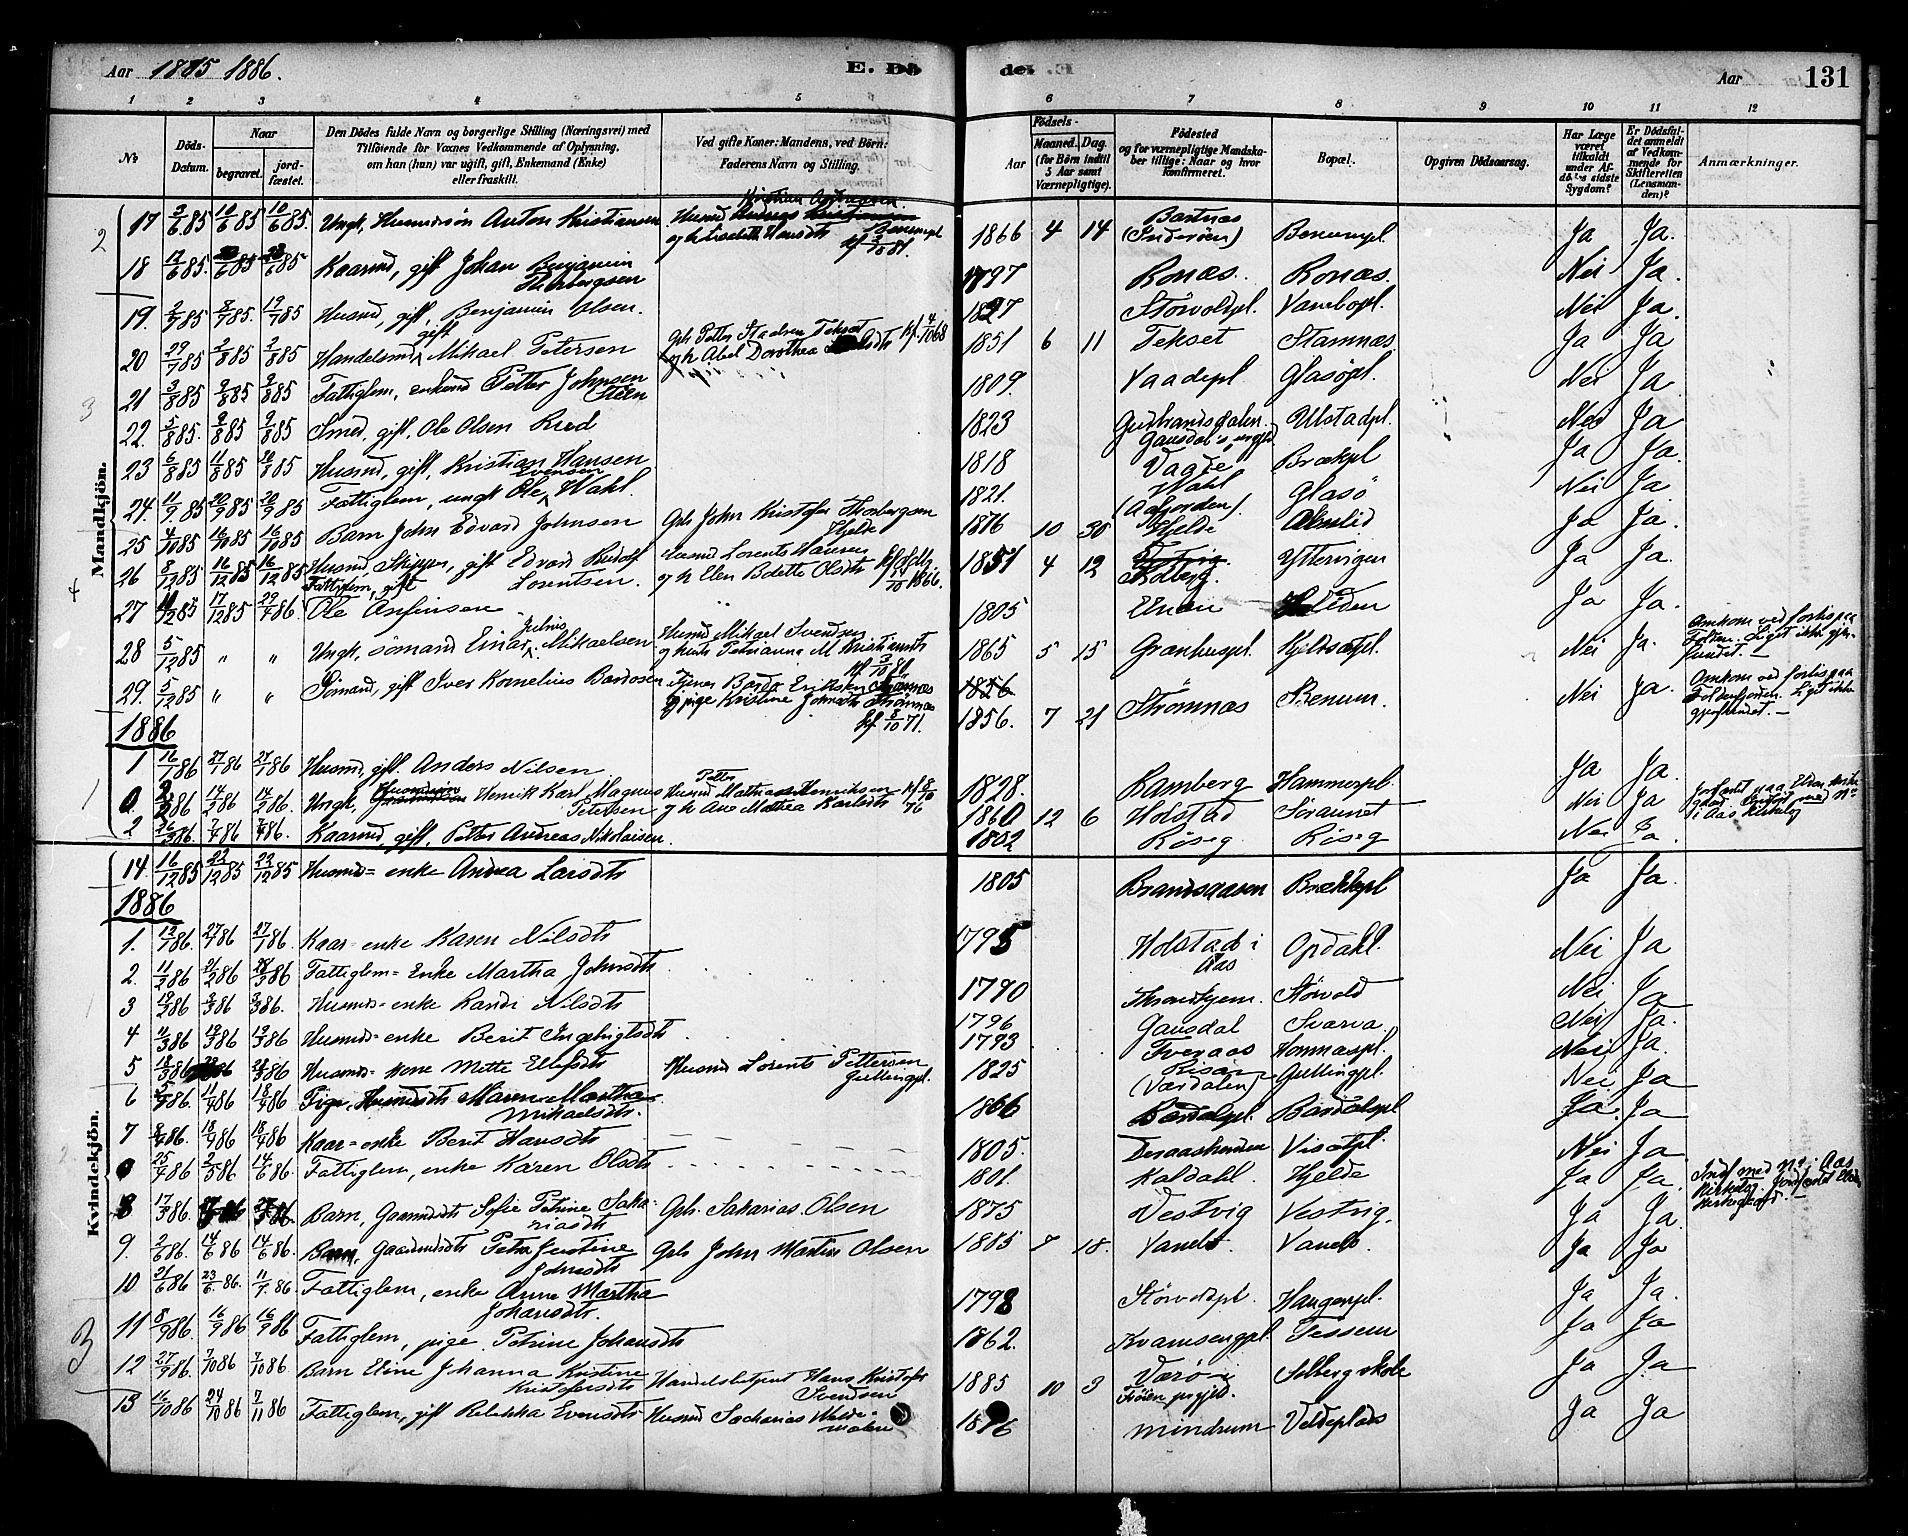 SAT, Ministerialprotokoller, klokkerbøker og fødselsregistre - Nord-Trøndelag, 741/L0395: Ministerialbok nr. 741A09, 1878-1888, s. 131